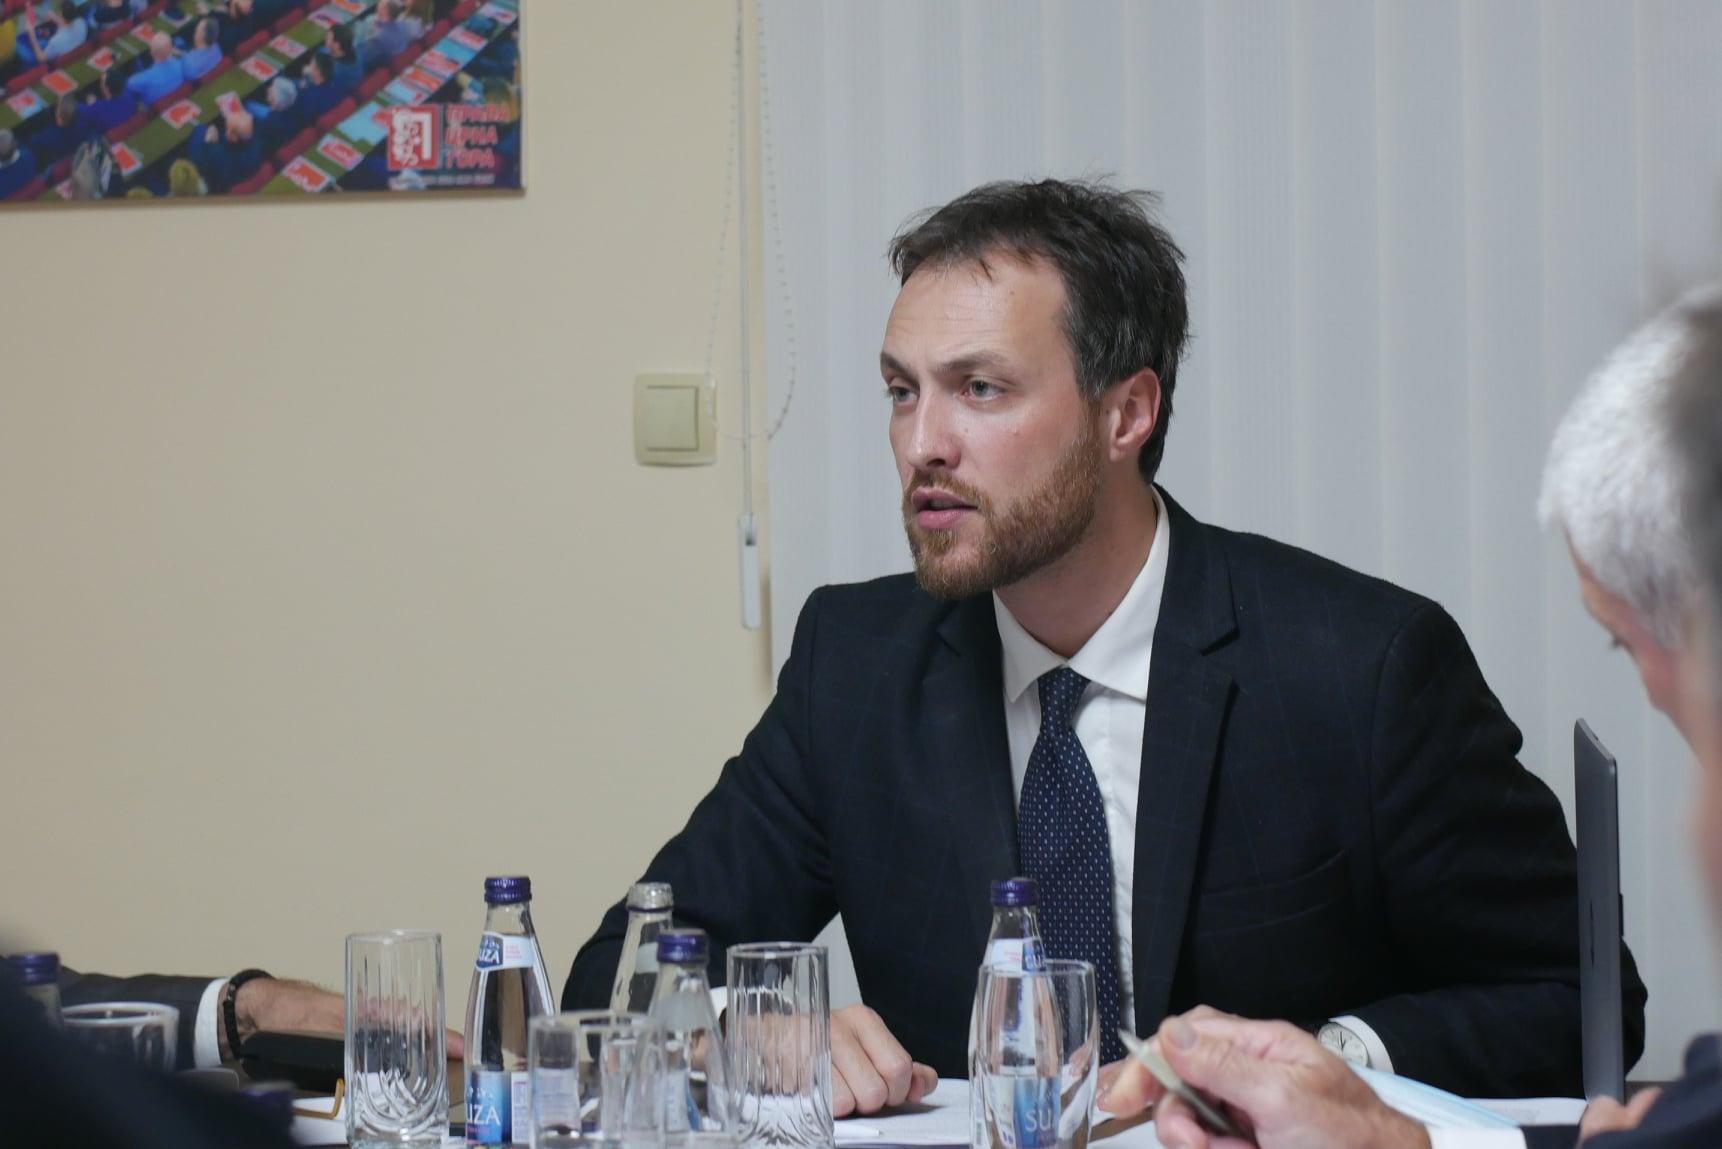 Милачић: У овом тренутку неприхватљиво је унапријед ограничавати трајање мандата Владе